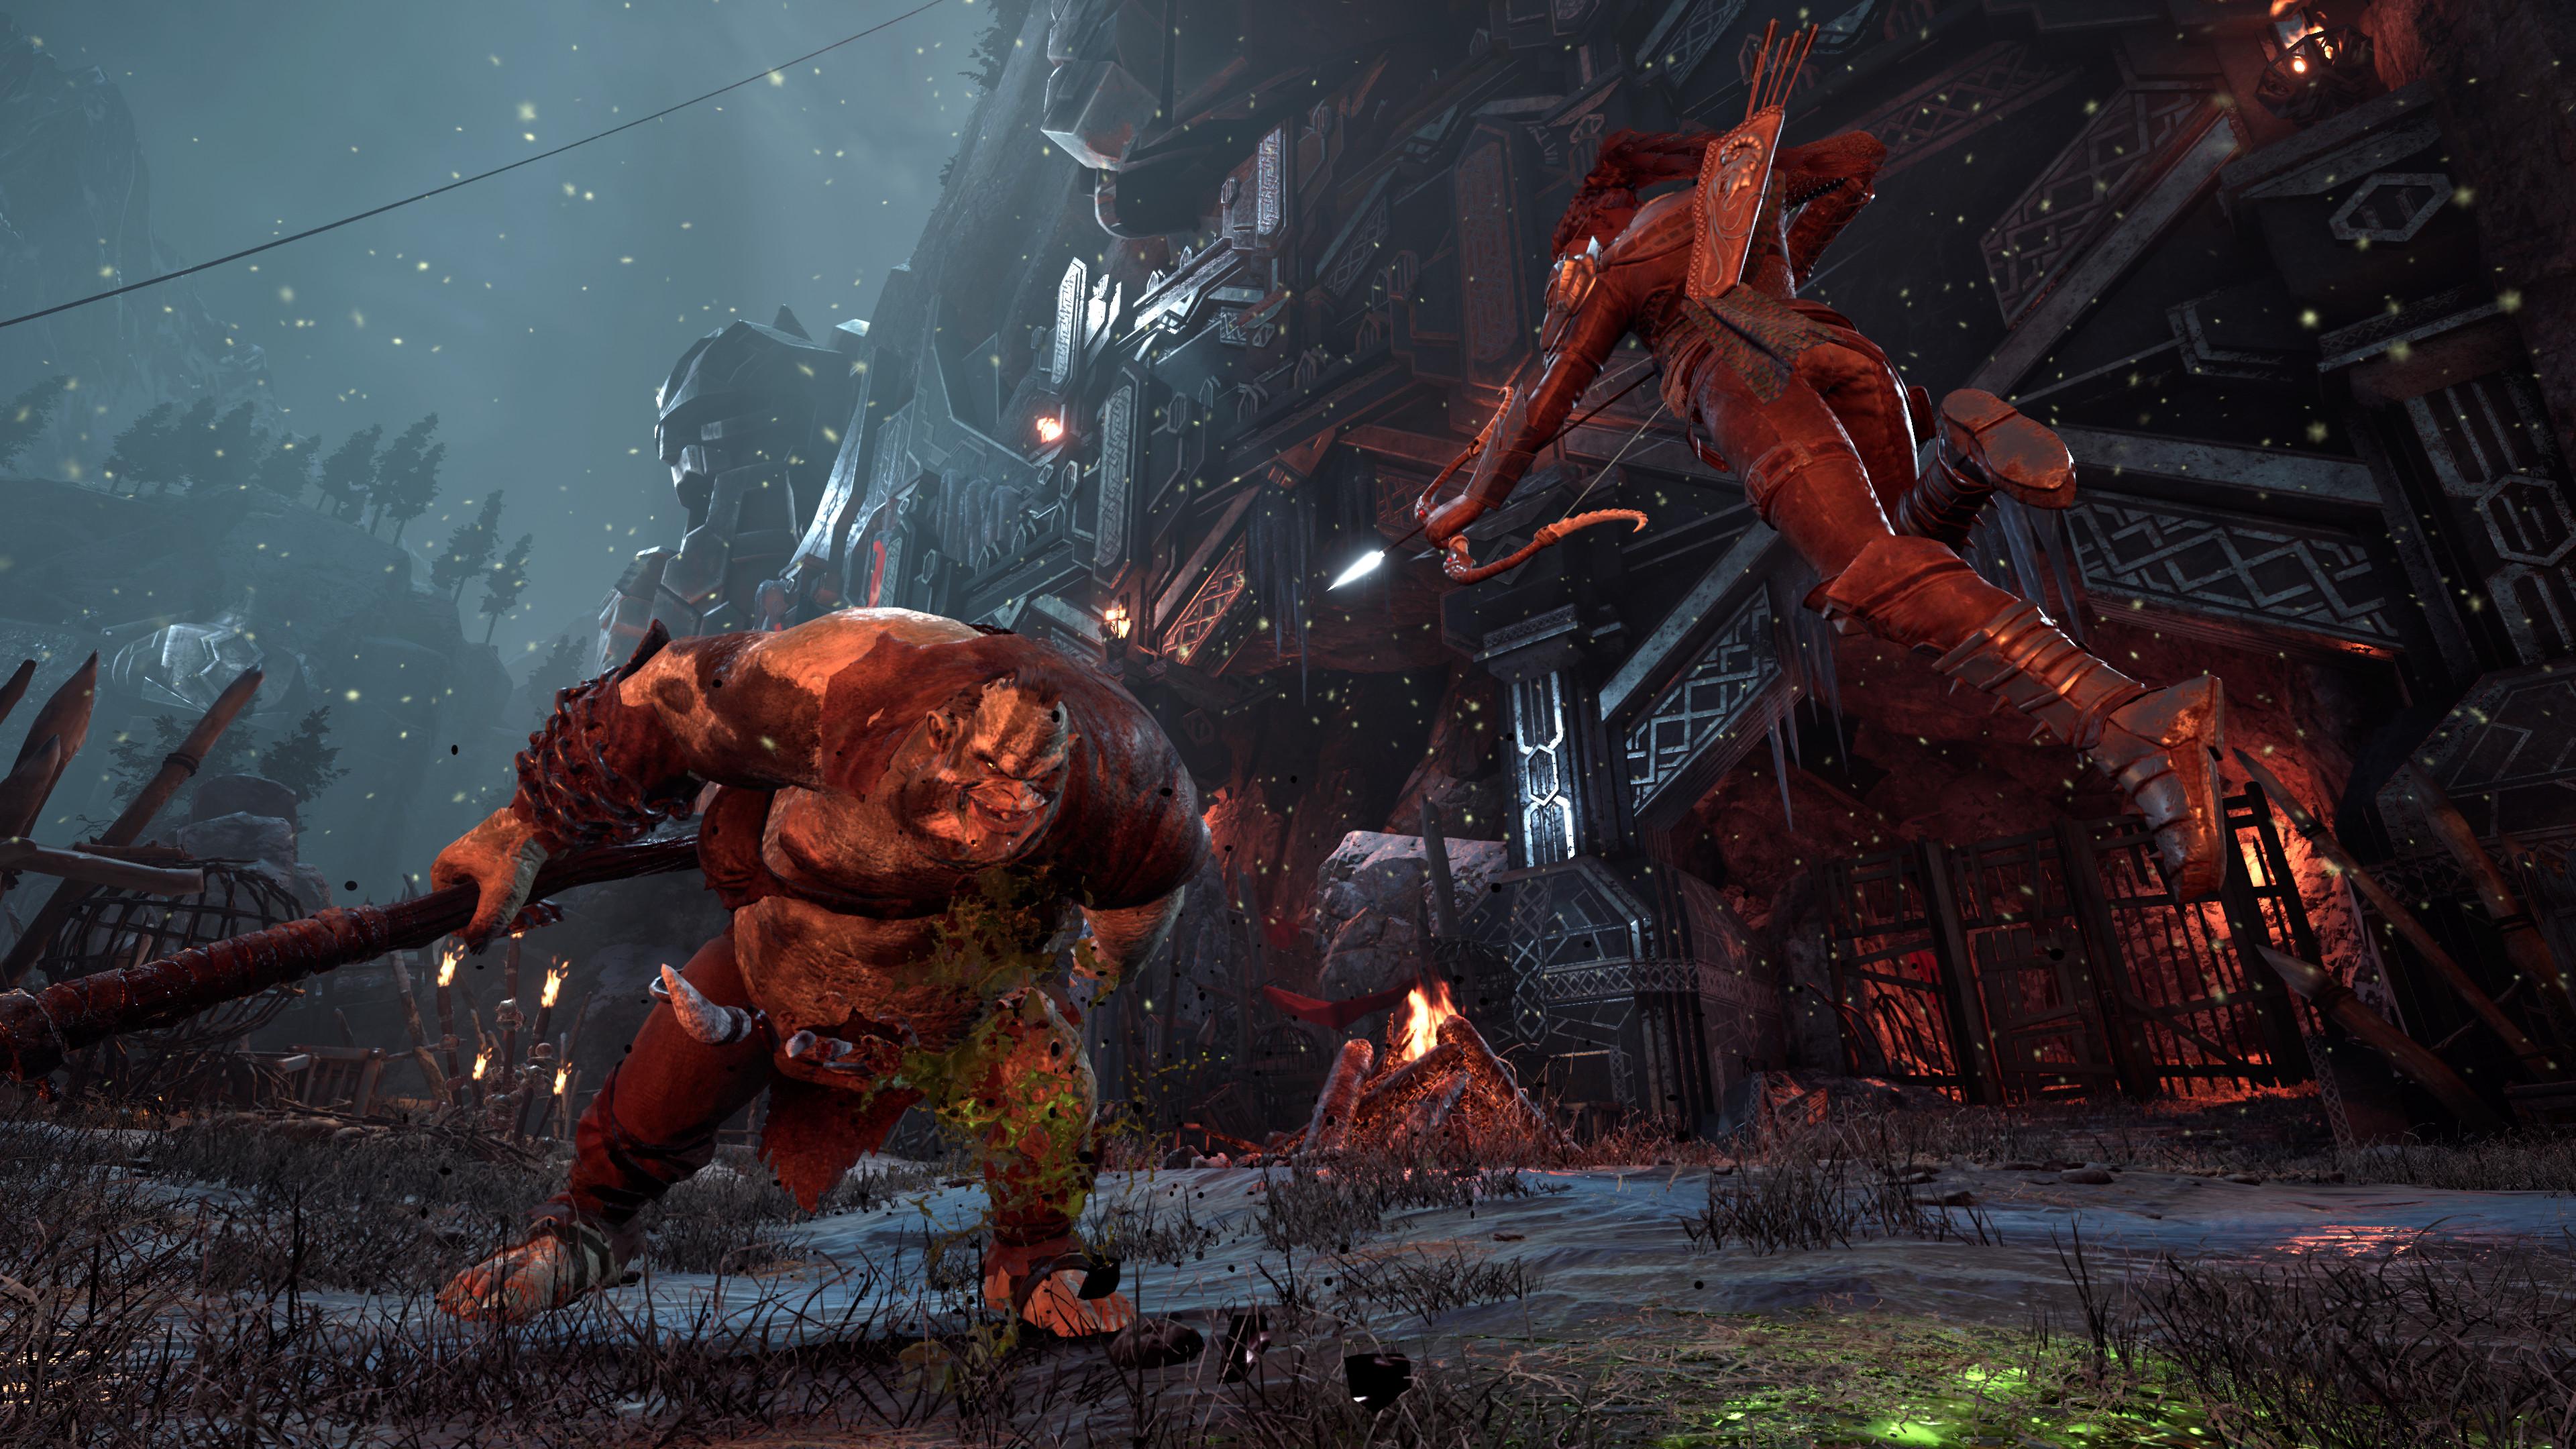 Геймплей [4K] - Dungeons & Dragons: Dark Alliance